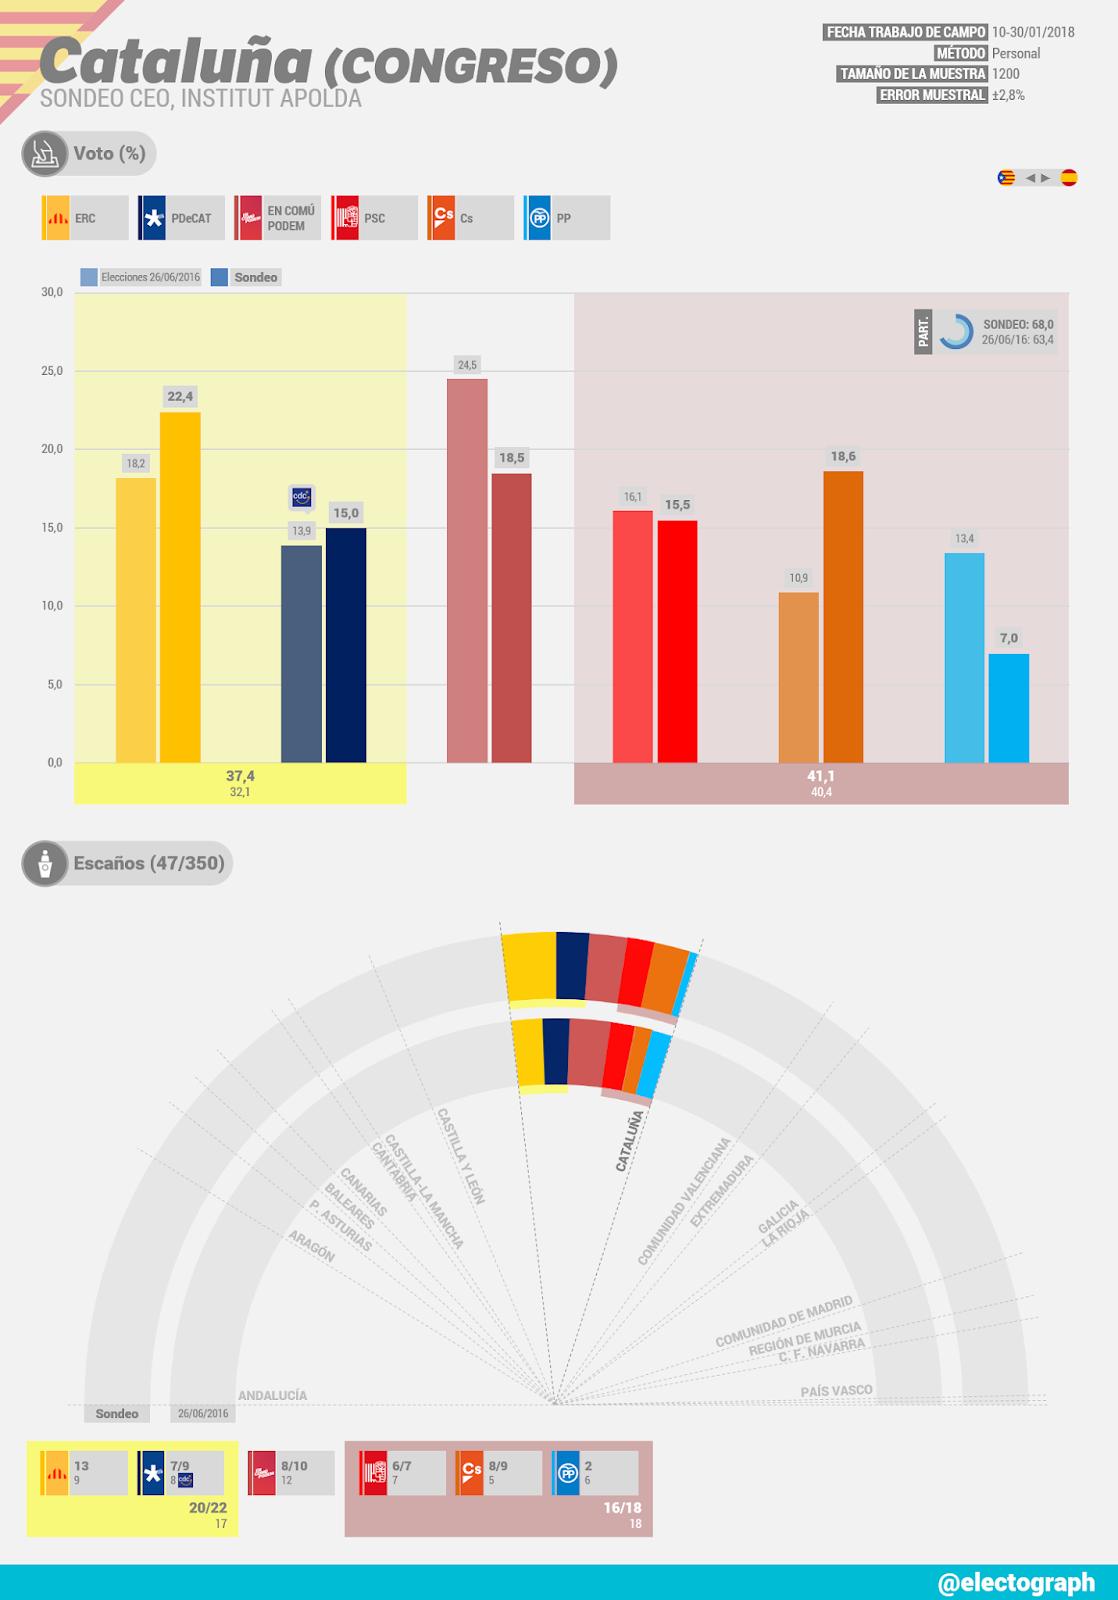 Gráfico de la encuesta para elecciones generales en Cataluña realizada por el CEO en enero de 2018